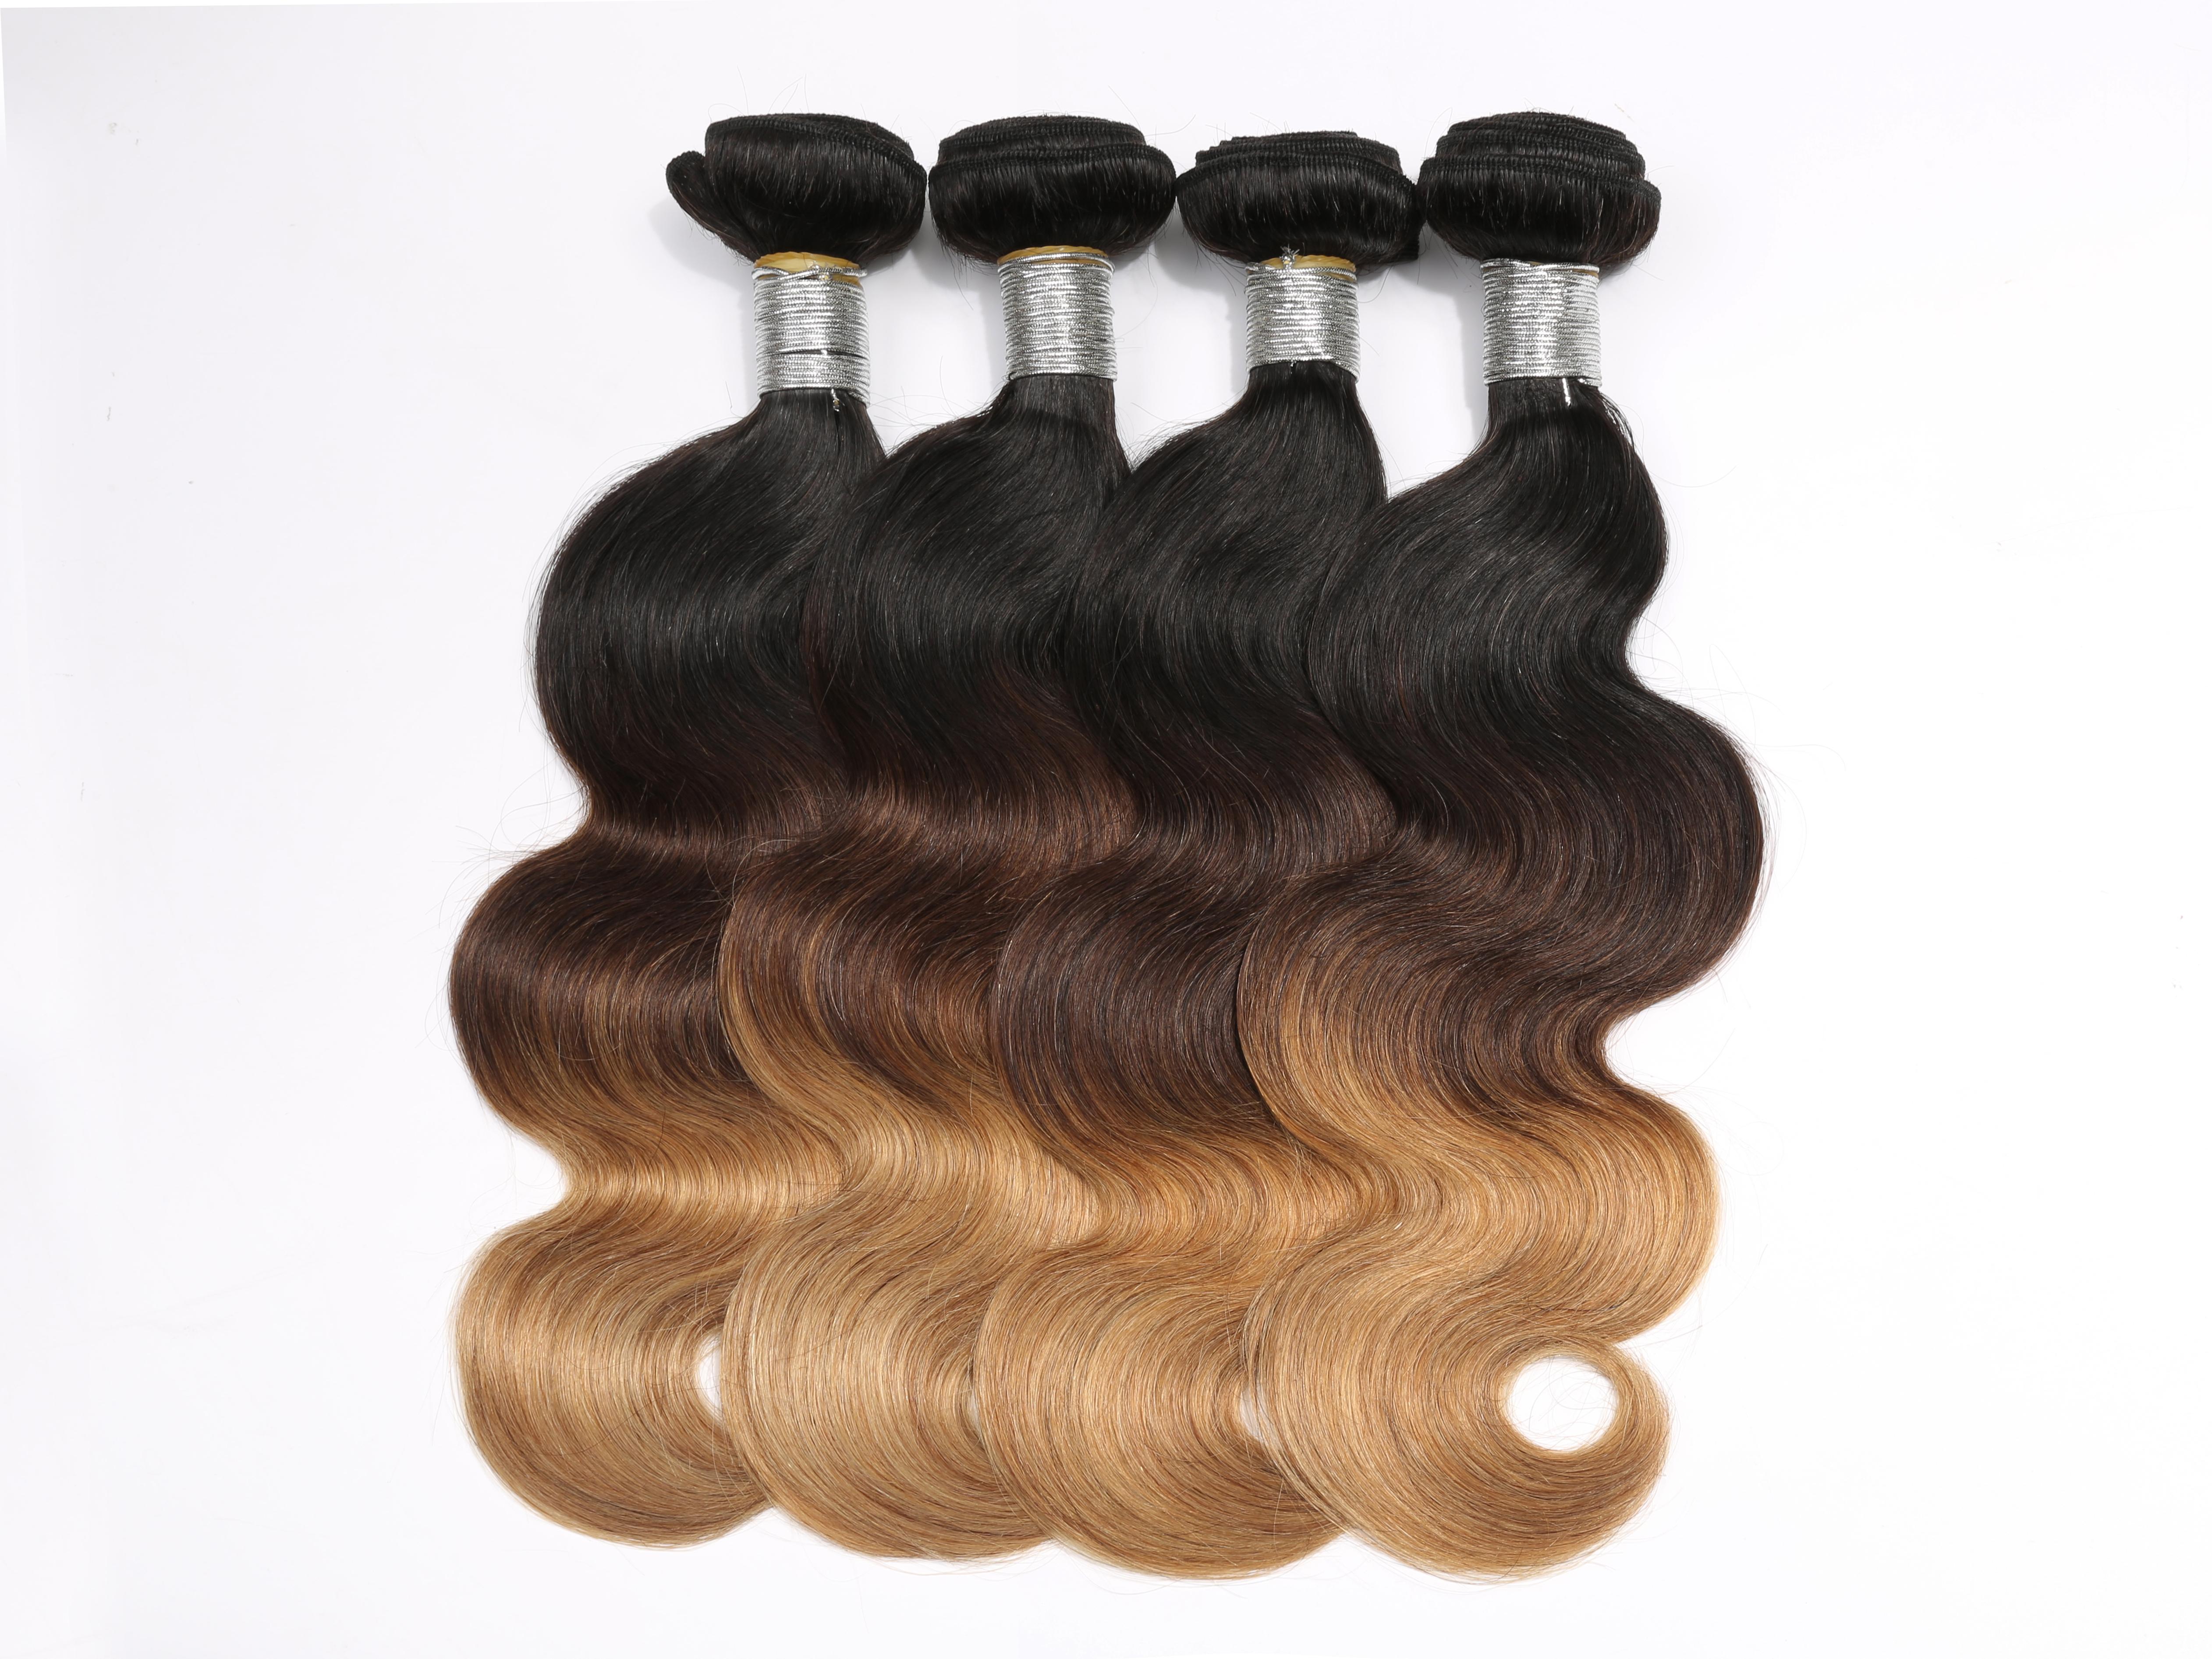 4bundleslot T1b427 Ombre Hair Weave Bundles Body Wave 3 Tone